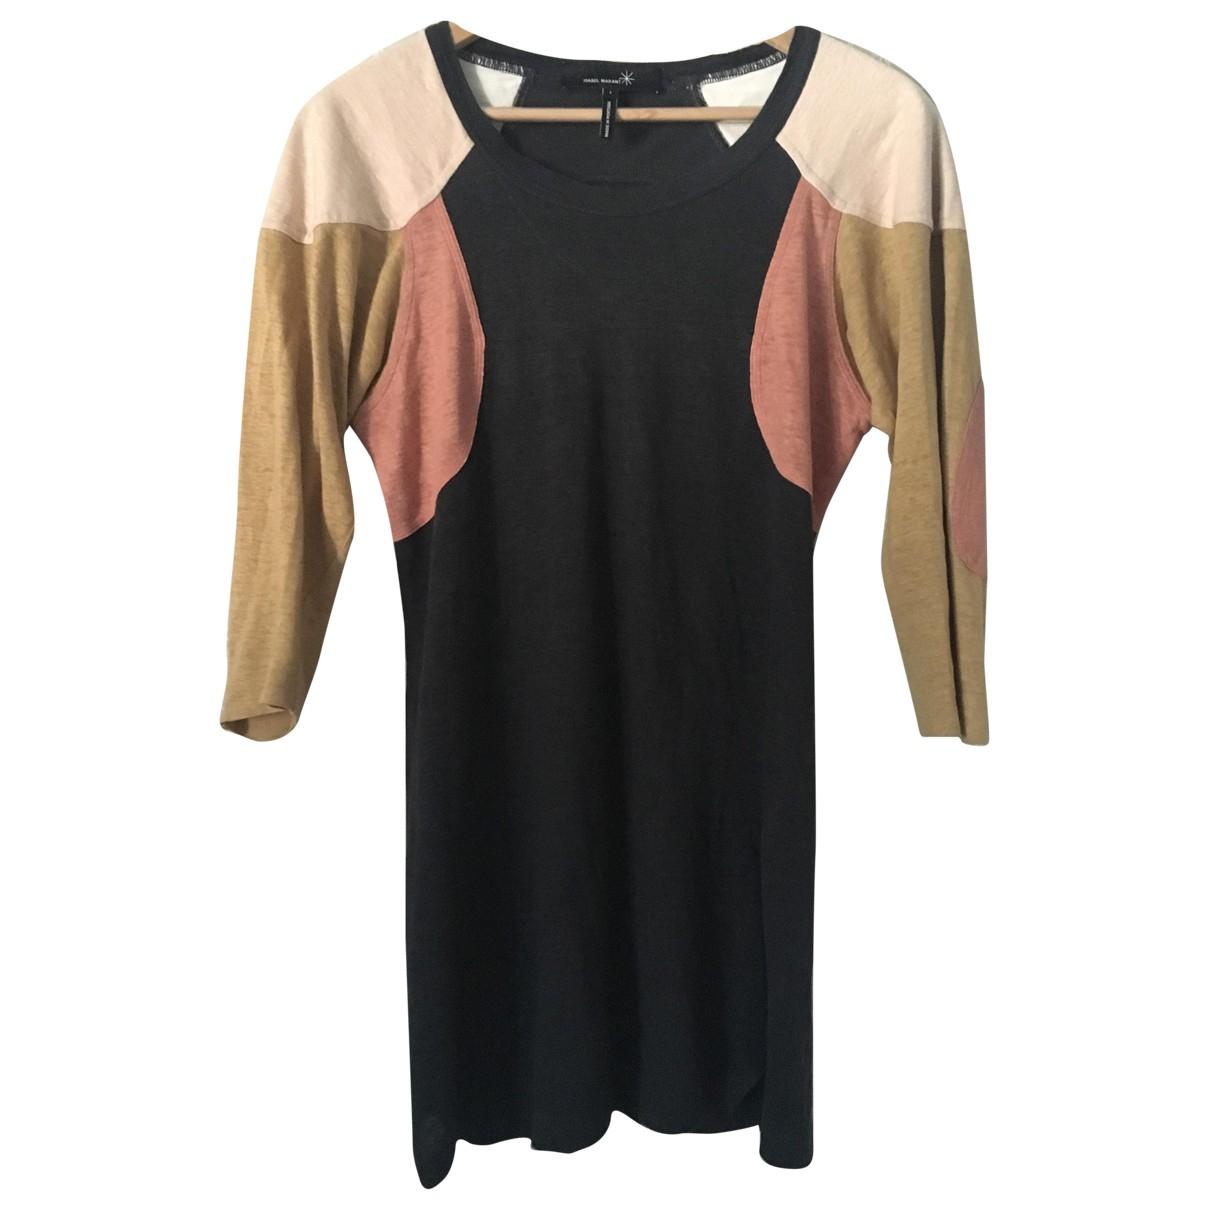 Isabel Marant Etoile \N Black Linen dress for Women 36 FR